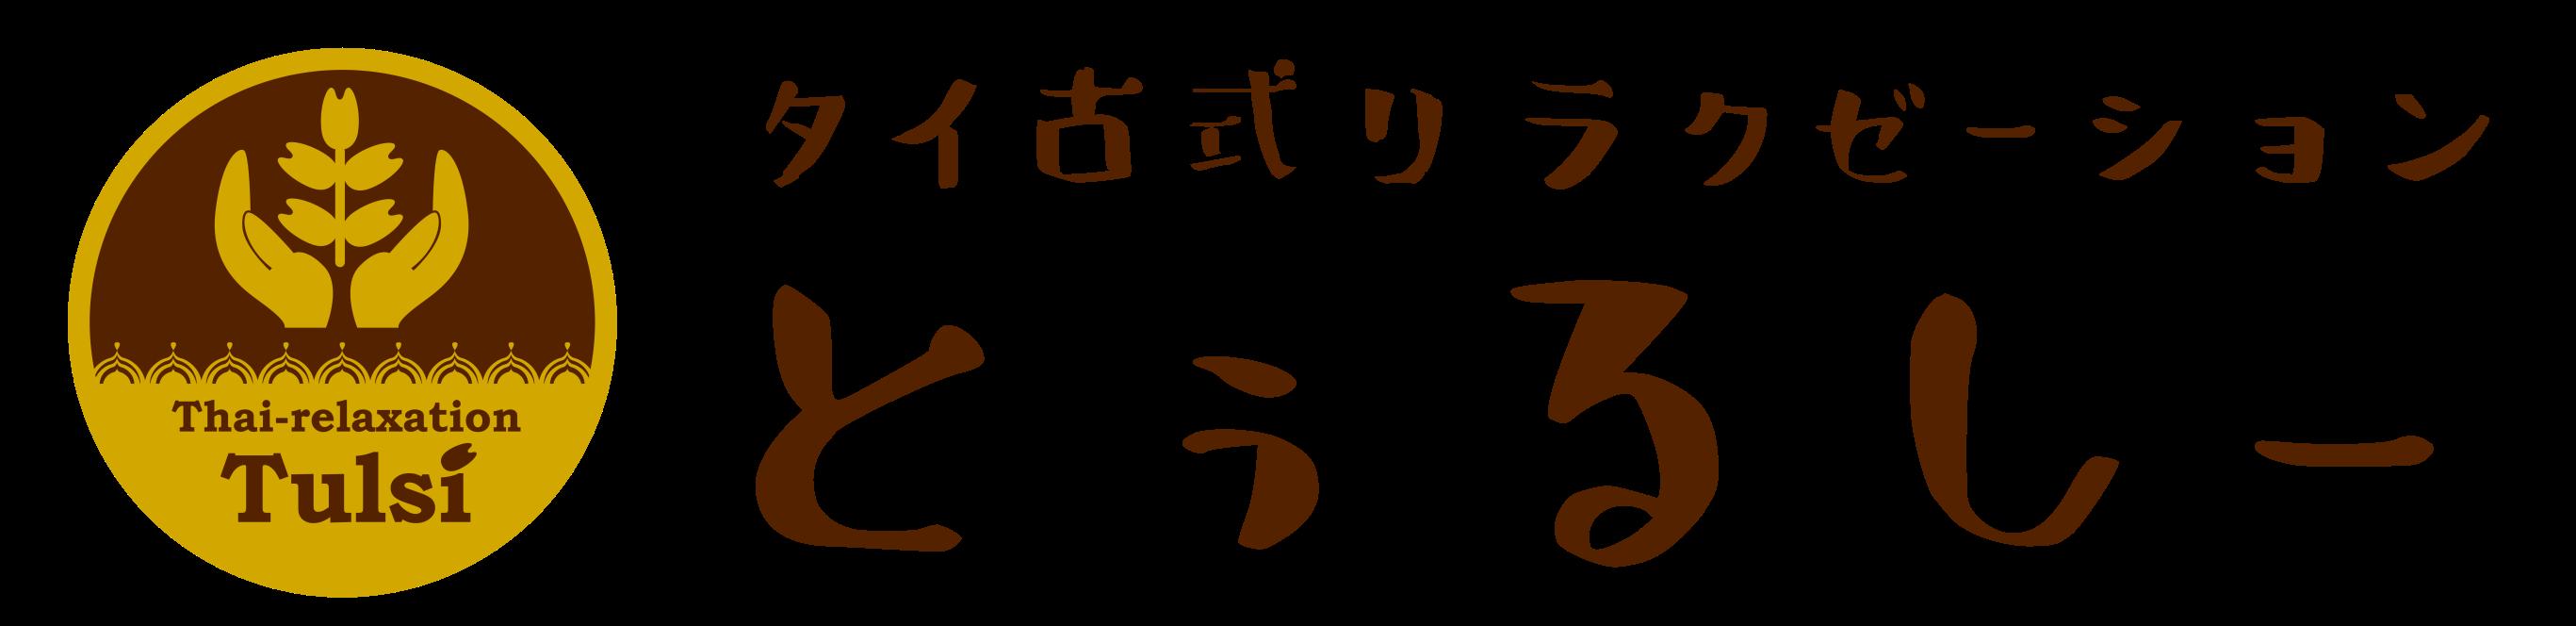 【熊本県人吉市】タイ古式リラクゼーションTulsi